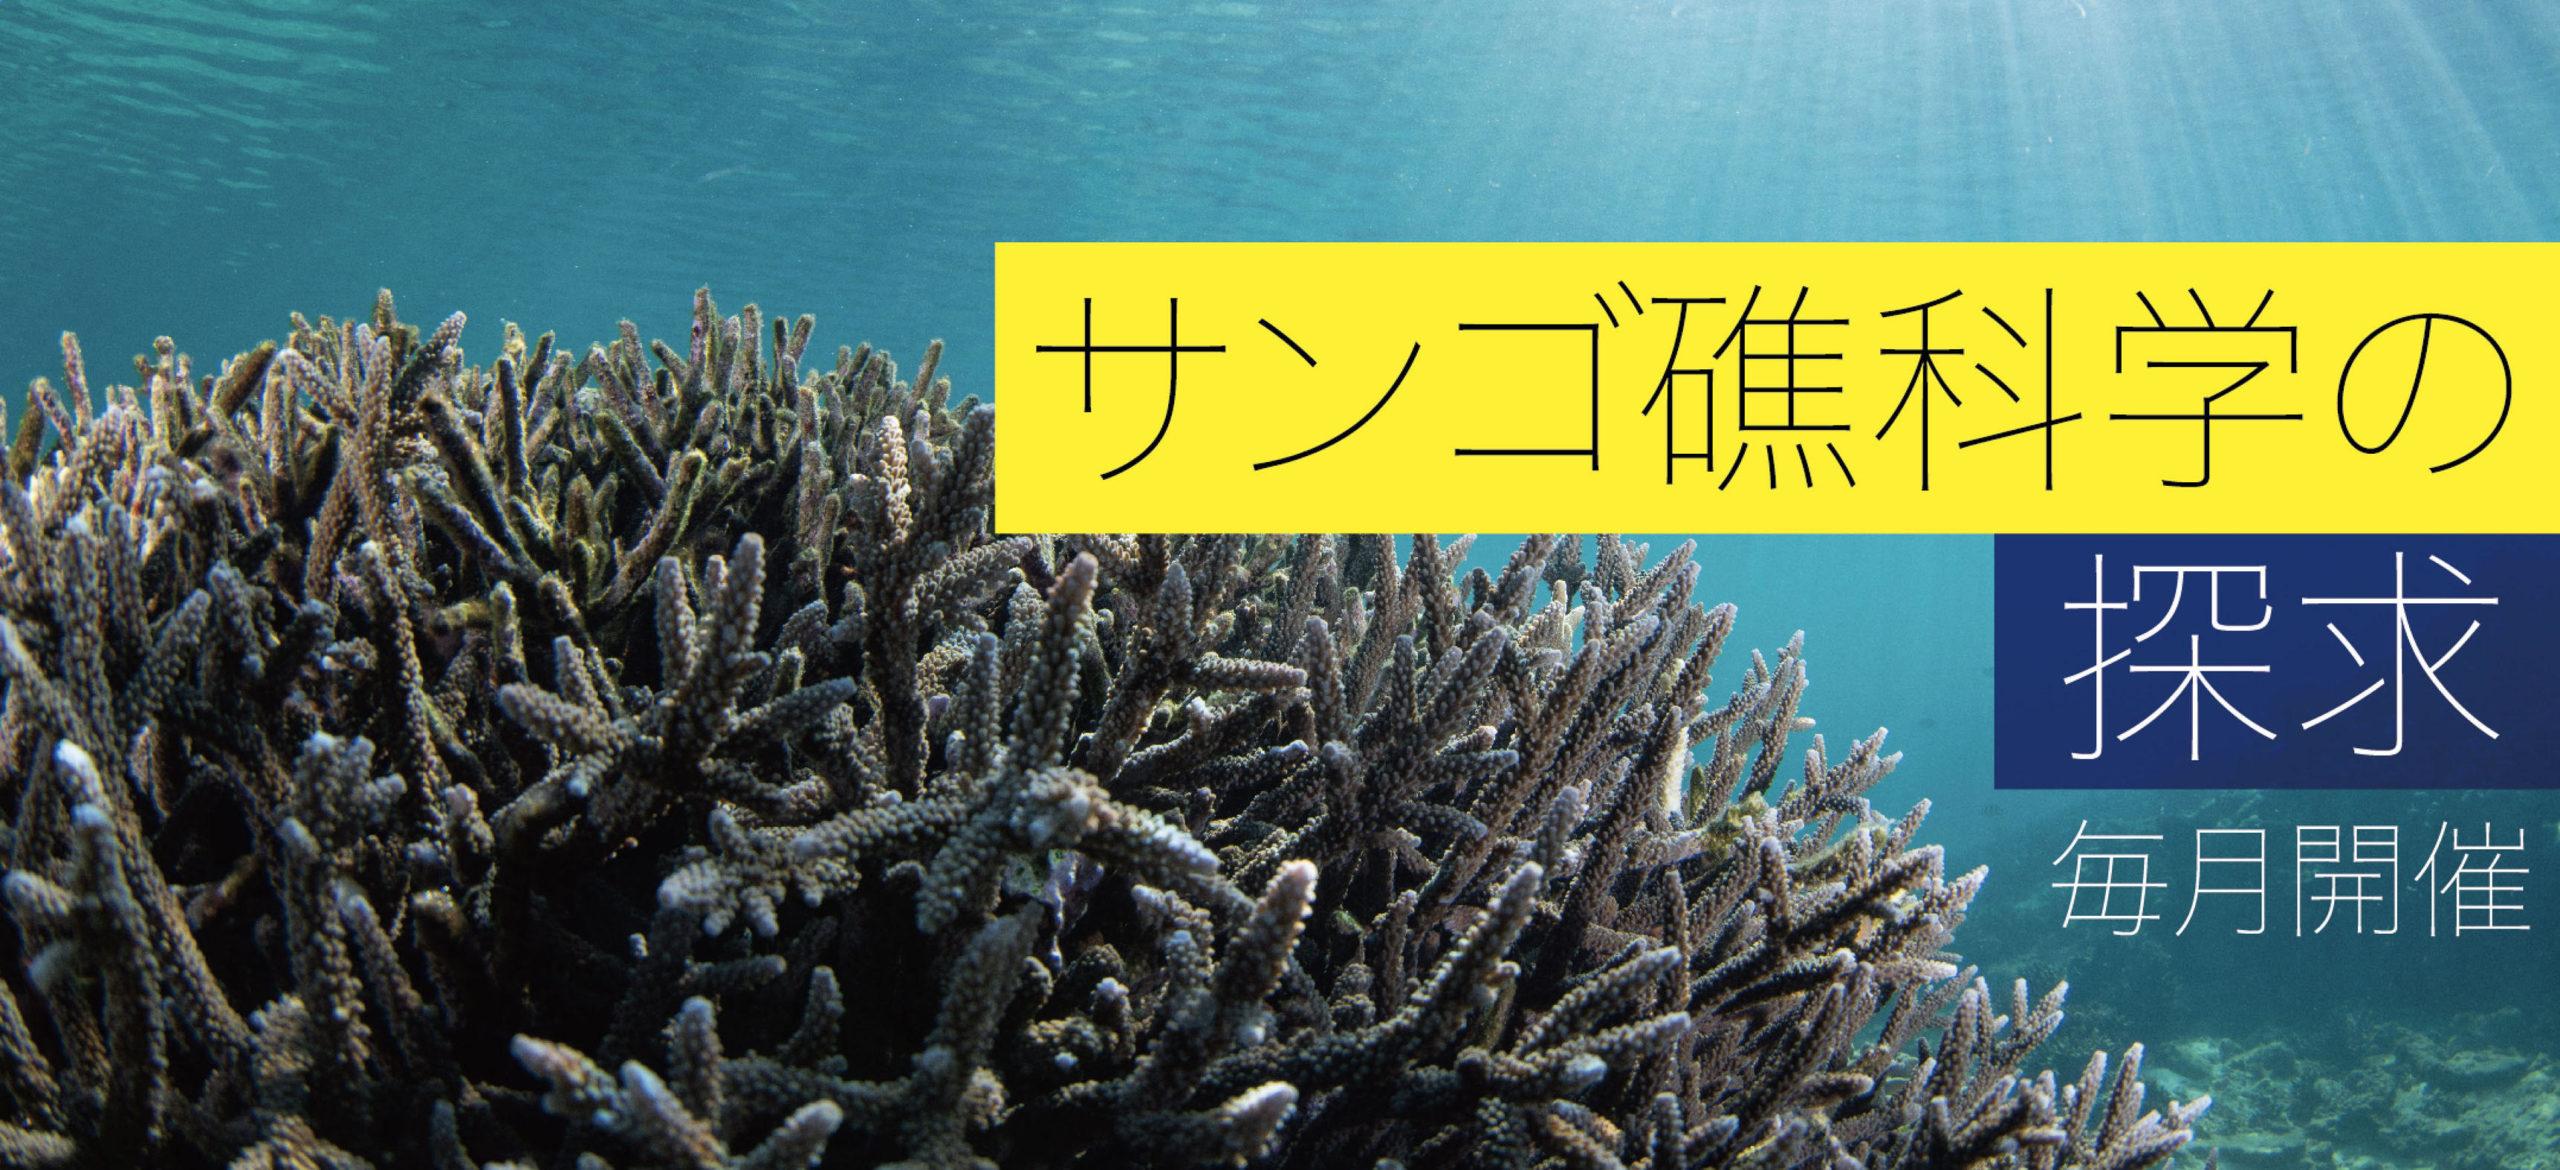 科学者の卵たちへ!オンラインセミナー「サンゴ礁科学の探求」【中学生】【高校生】